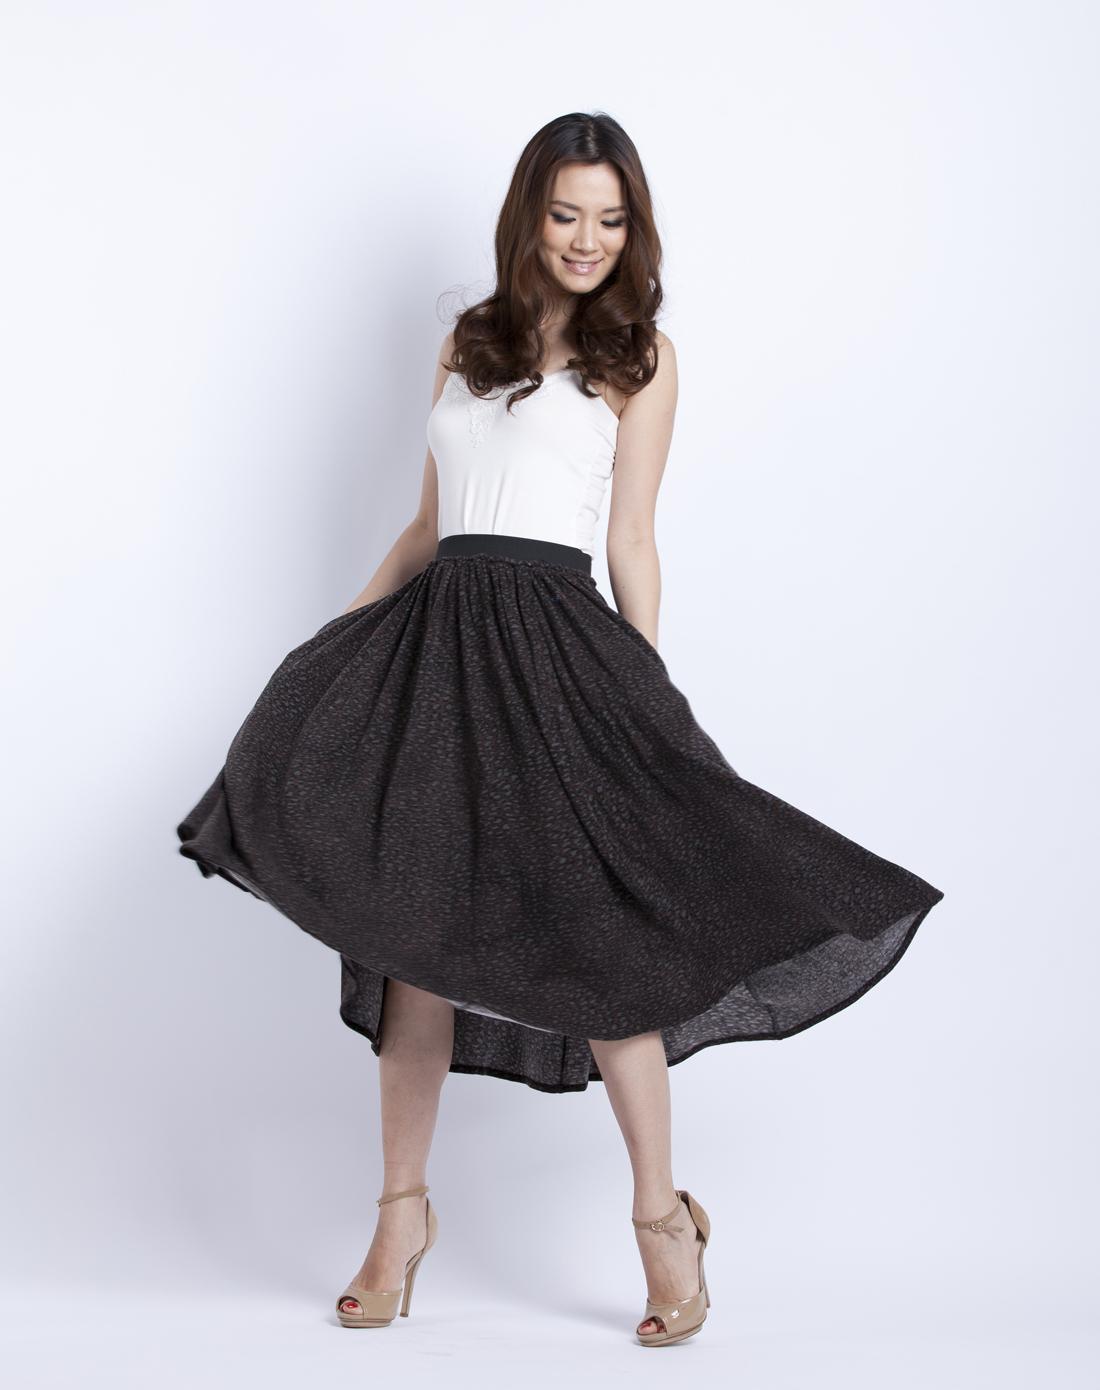 连衣裙 裙 1100_1390 竖版